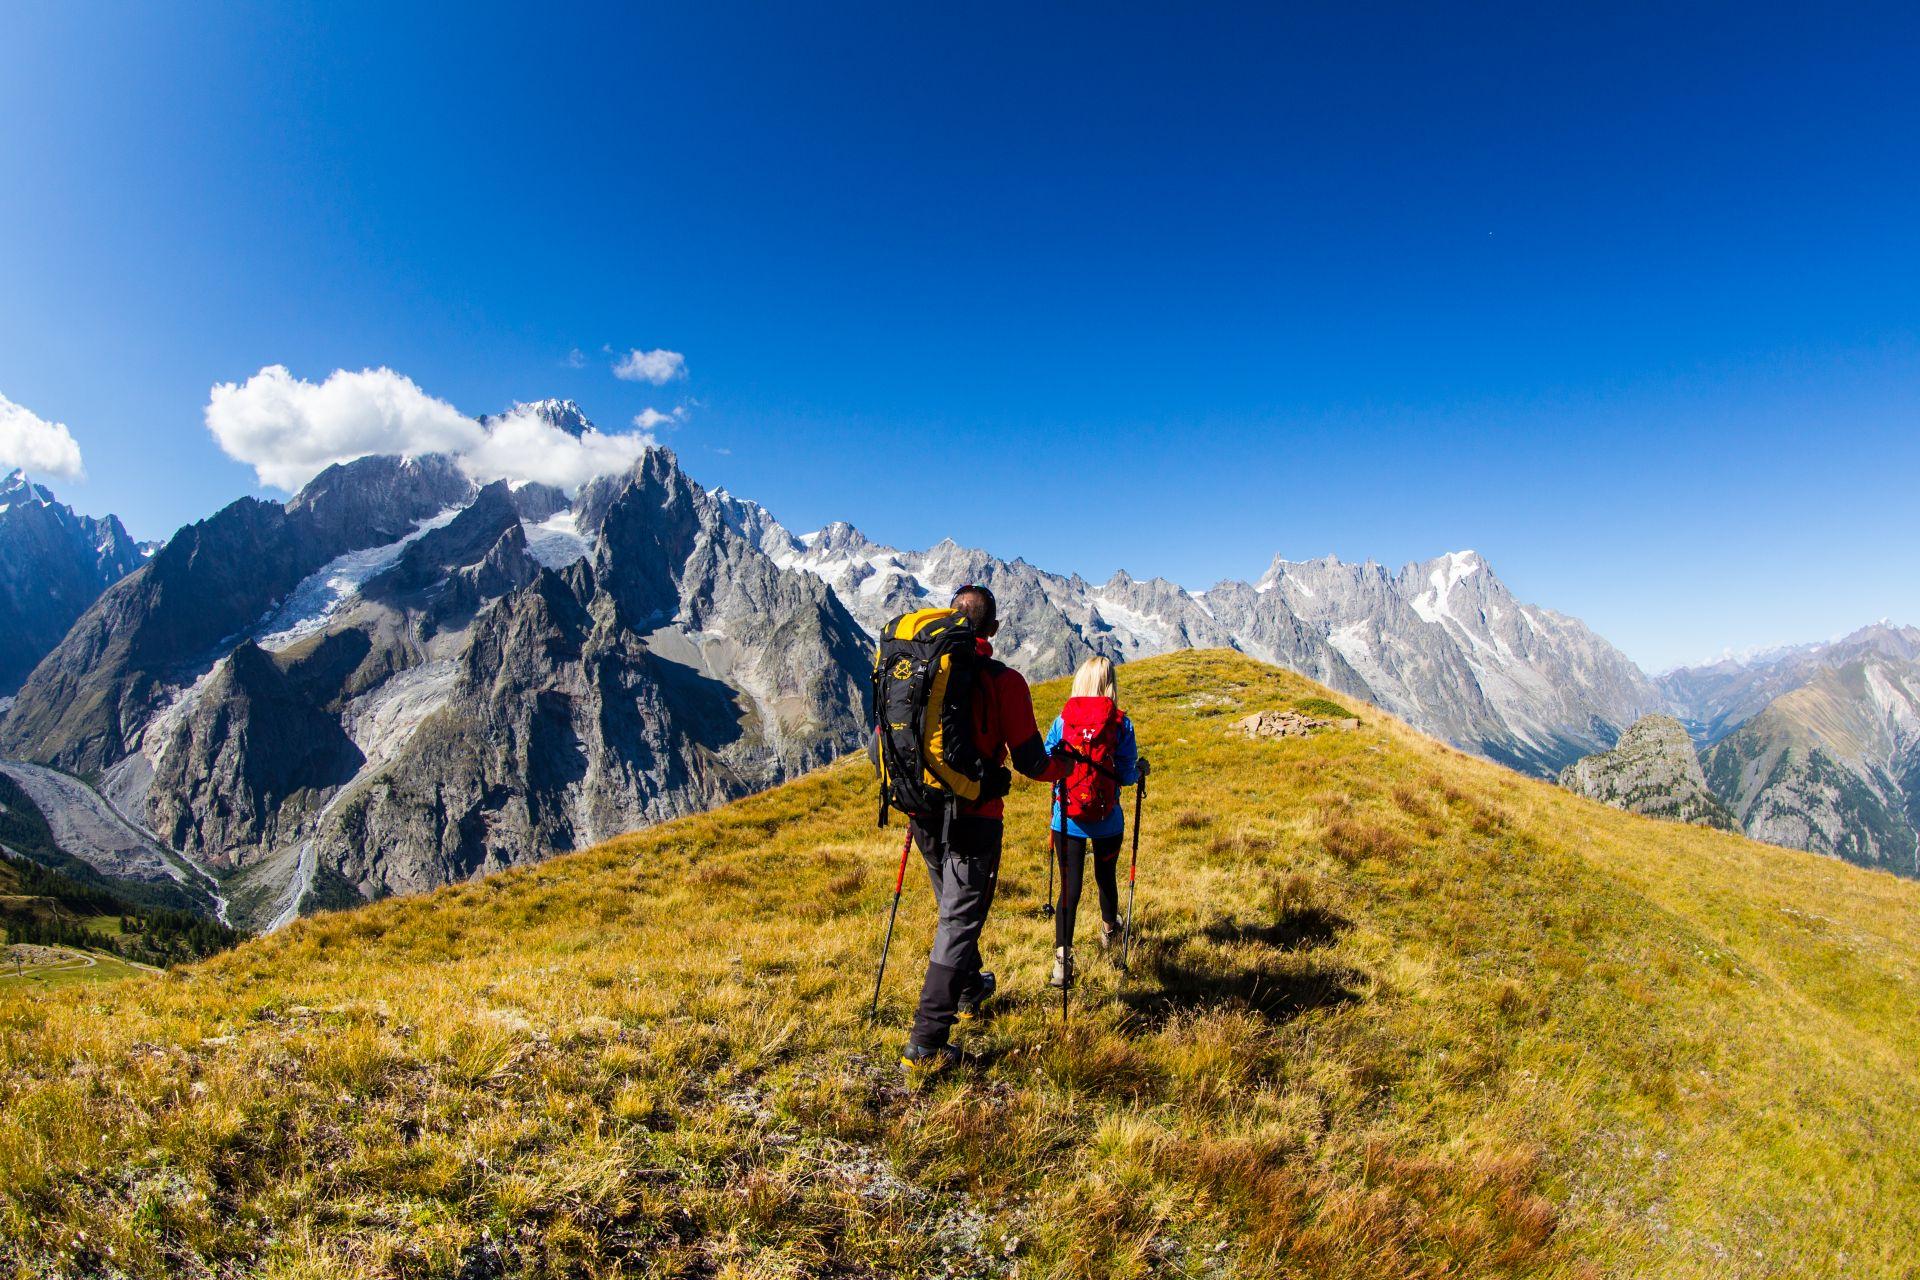 Bivacco o rifugio le regole per dormire in montagna